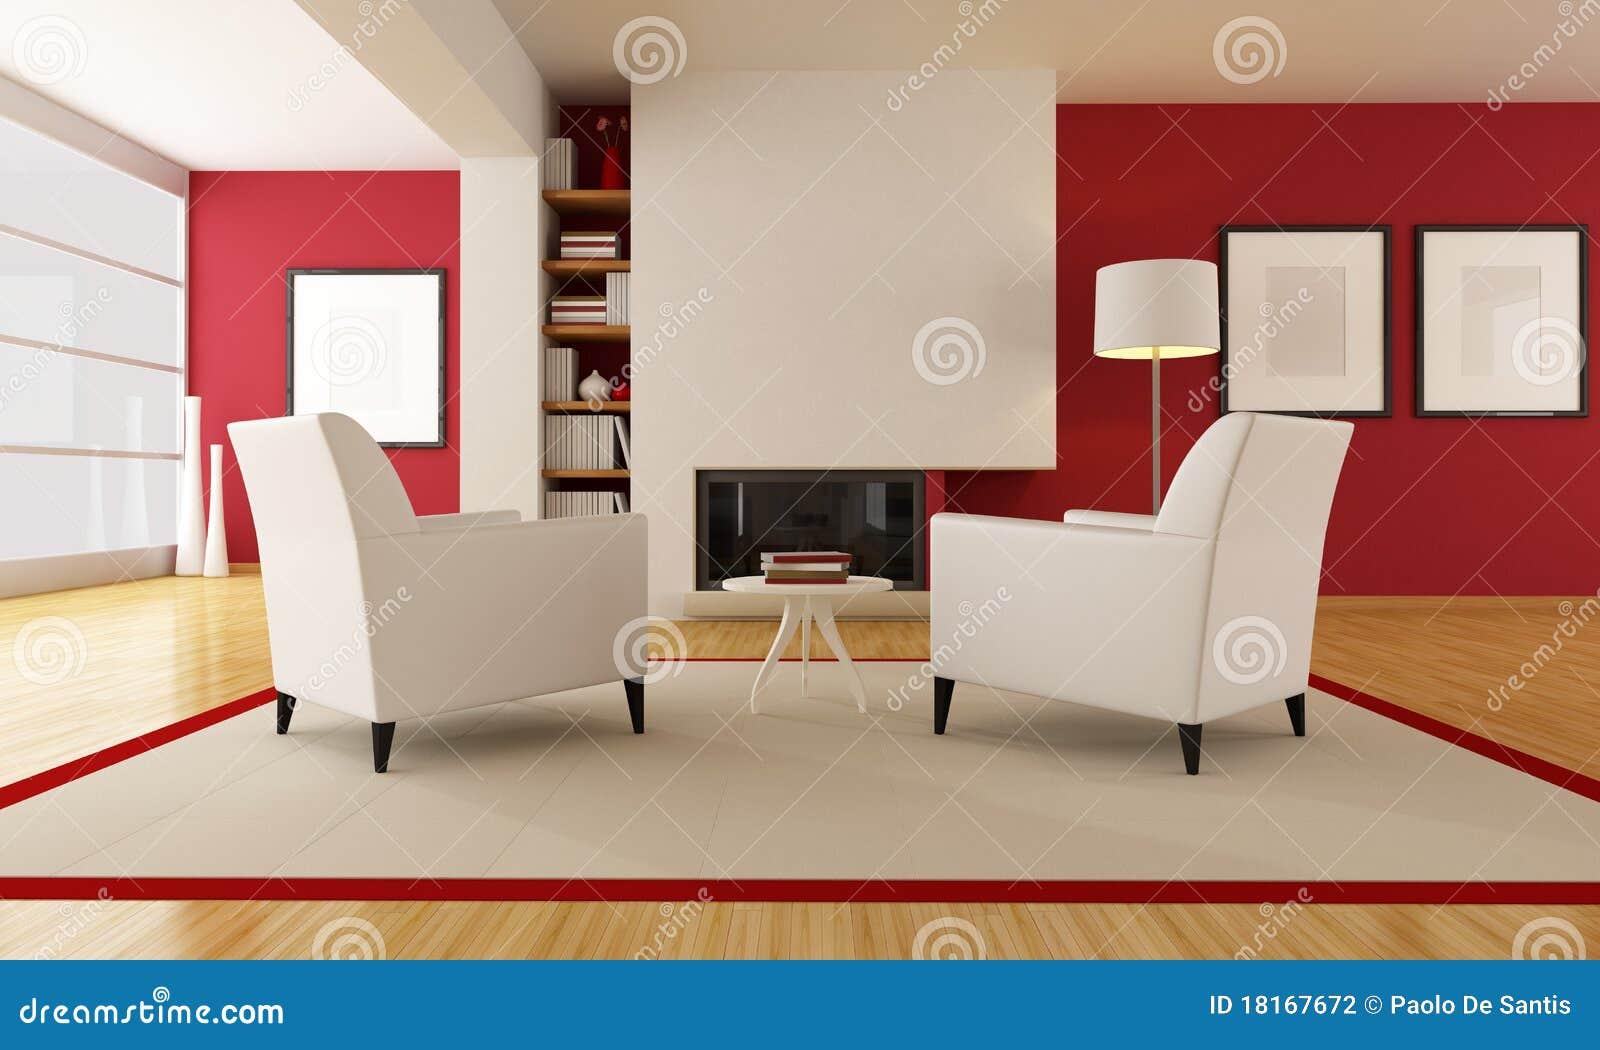 Download Modernes Wohnzimmer Mit Kamin Stock Abbildung   Illustration Von  Zeitgenössisch, Kreativ: 18167672